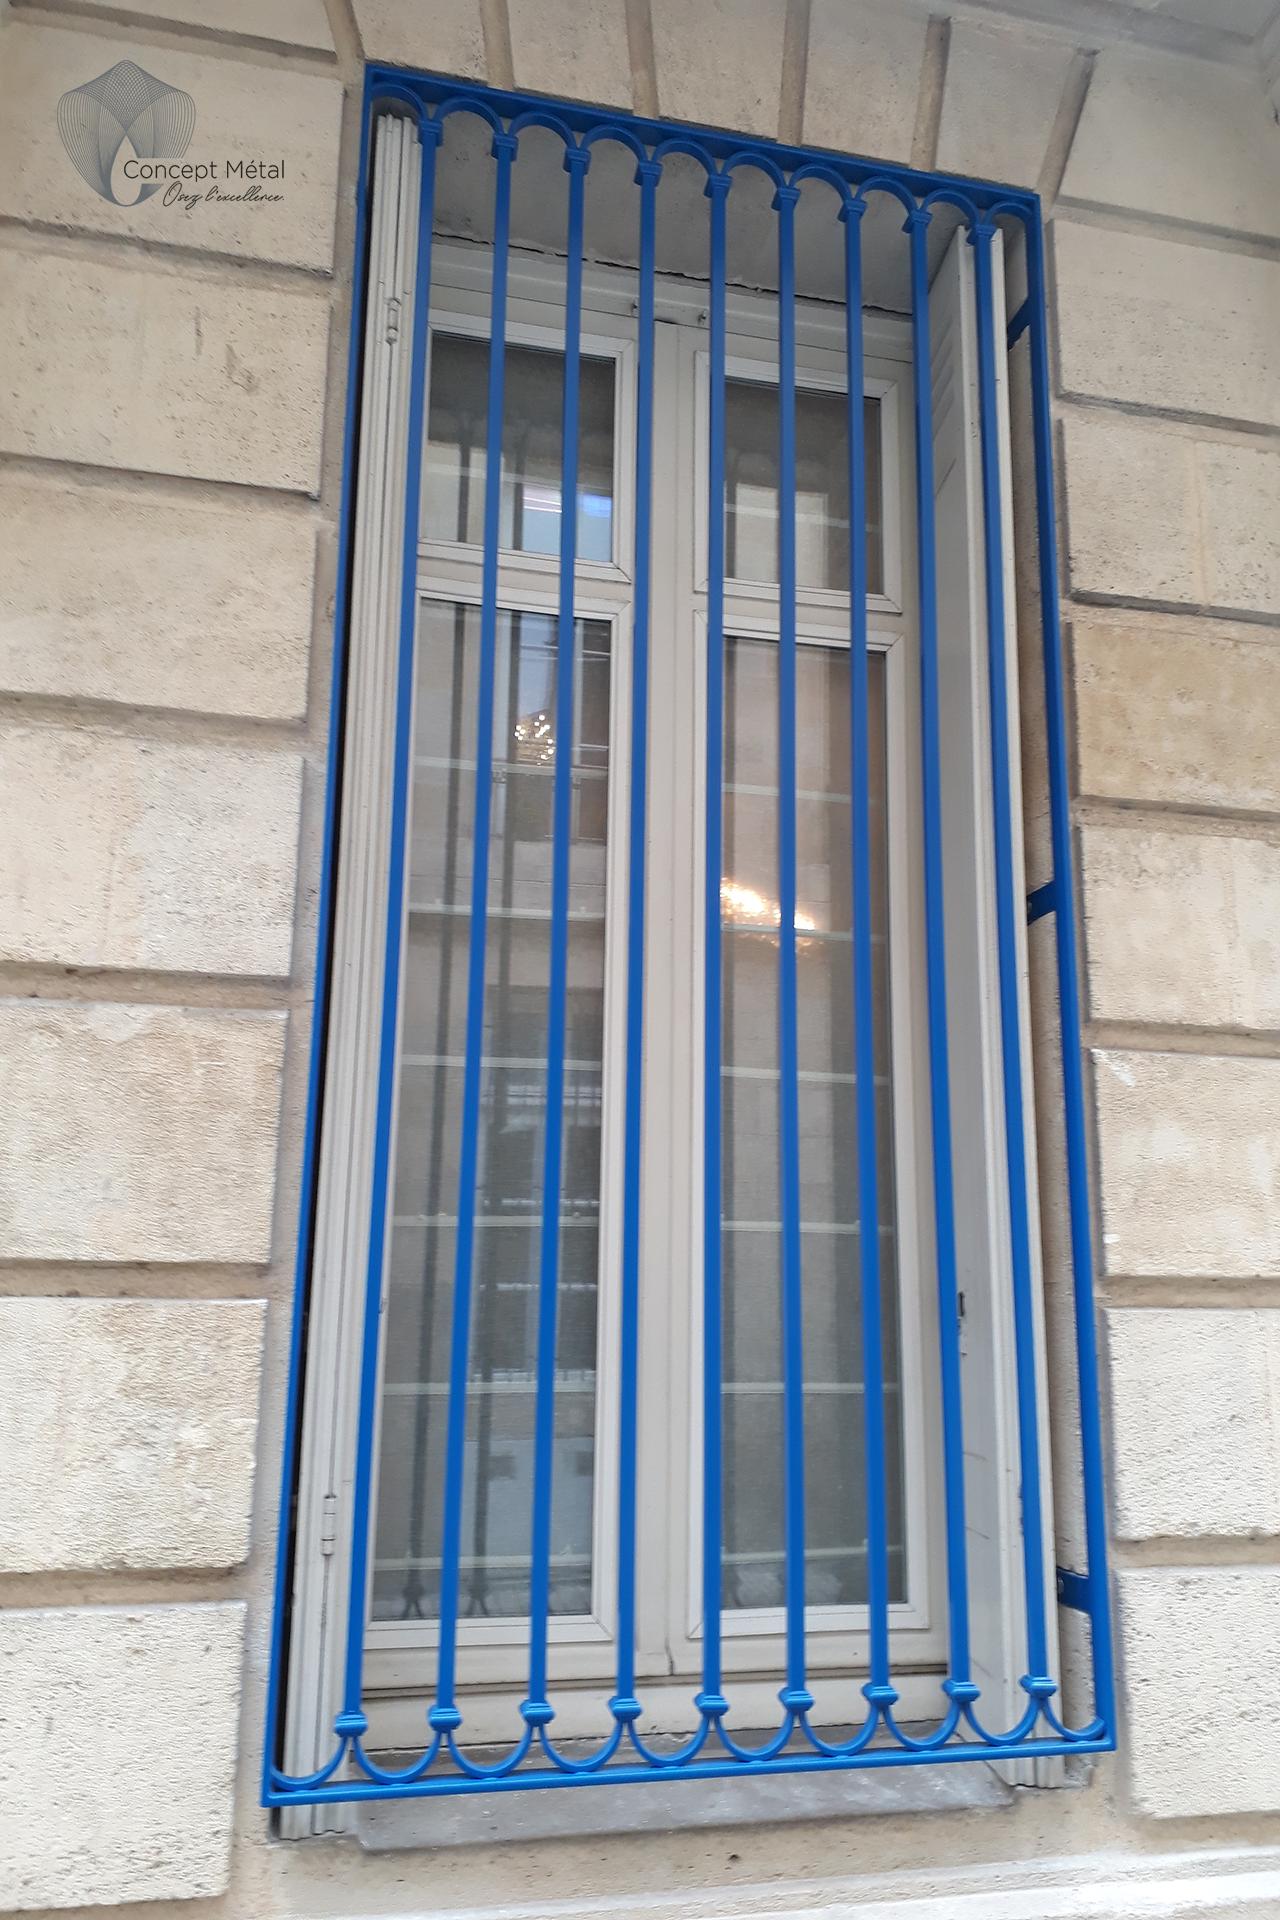 Grille Métal bleu - Concept Métal - Bordeaux - Bassin d'Arcachon